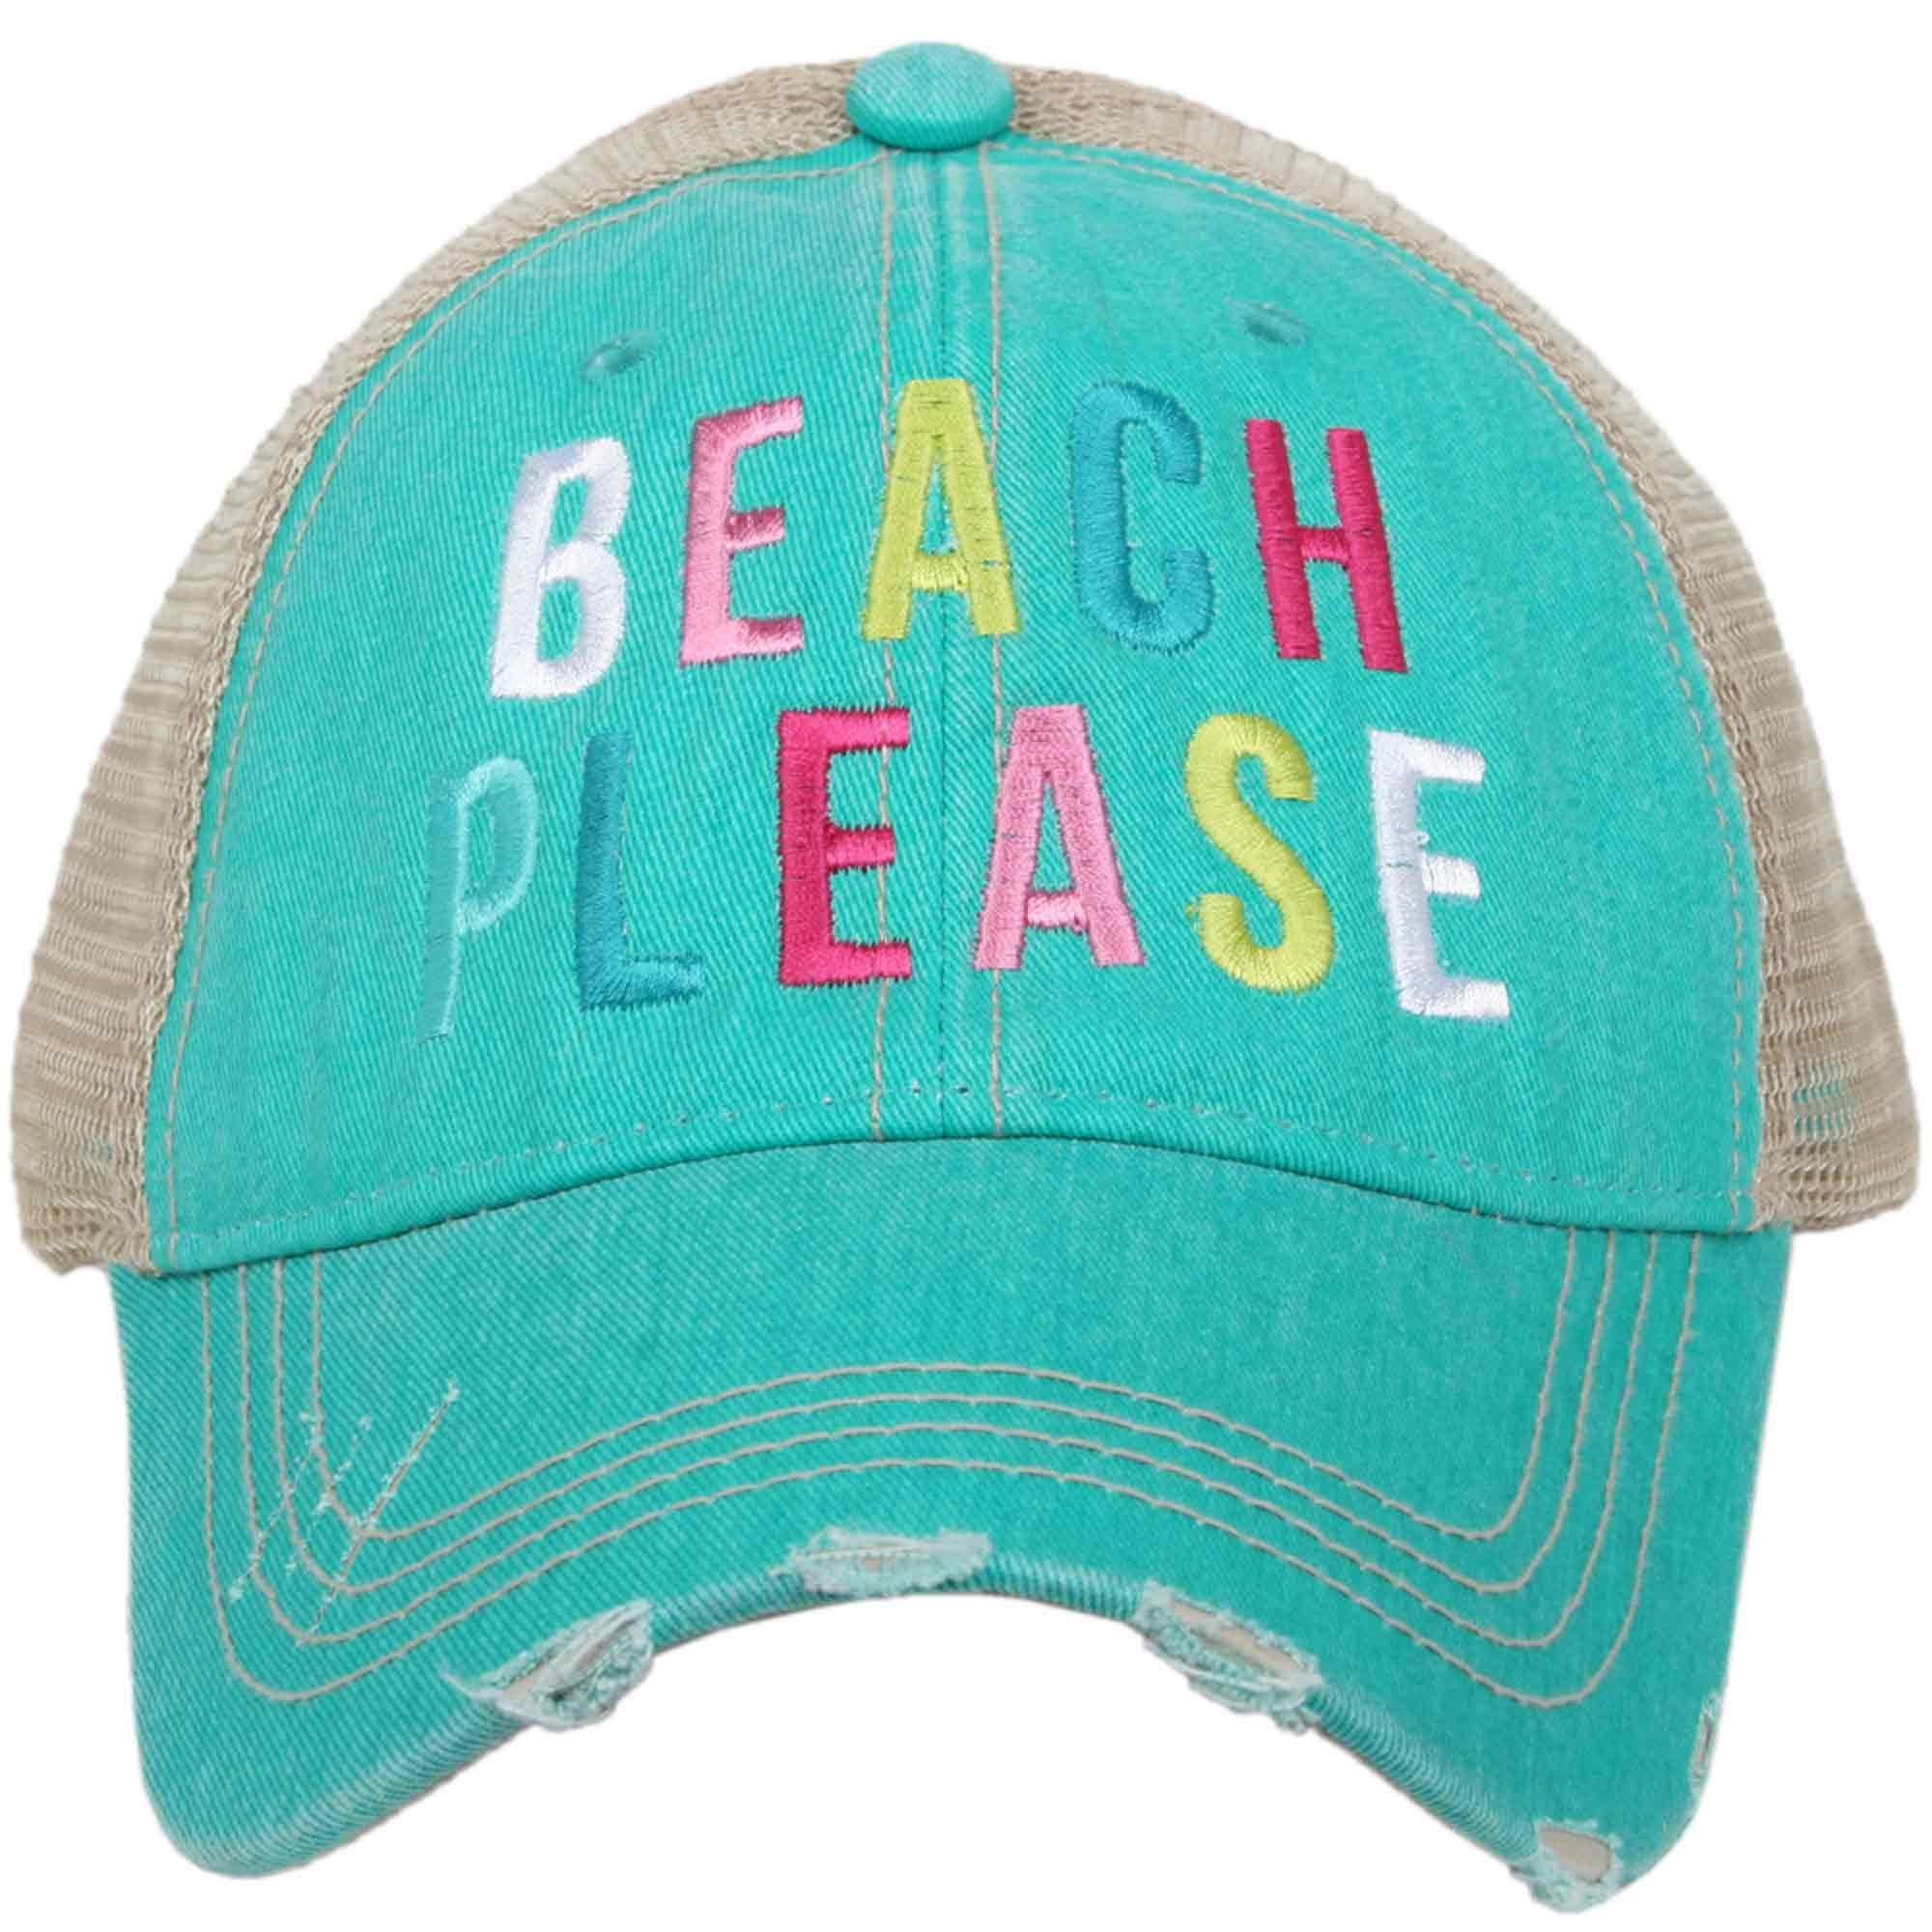 Katydid Beach Please Women's Colorful Print Distressed Trucker Hat (Teal) by Katydid (Image #1)